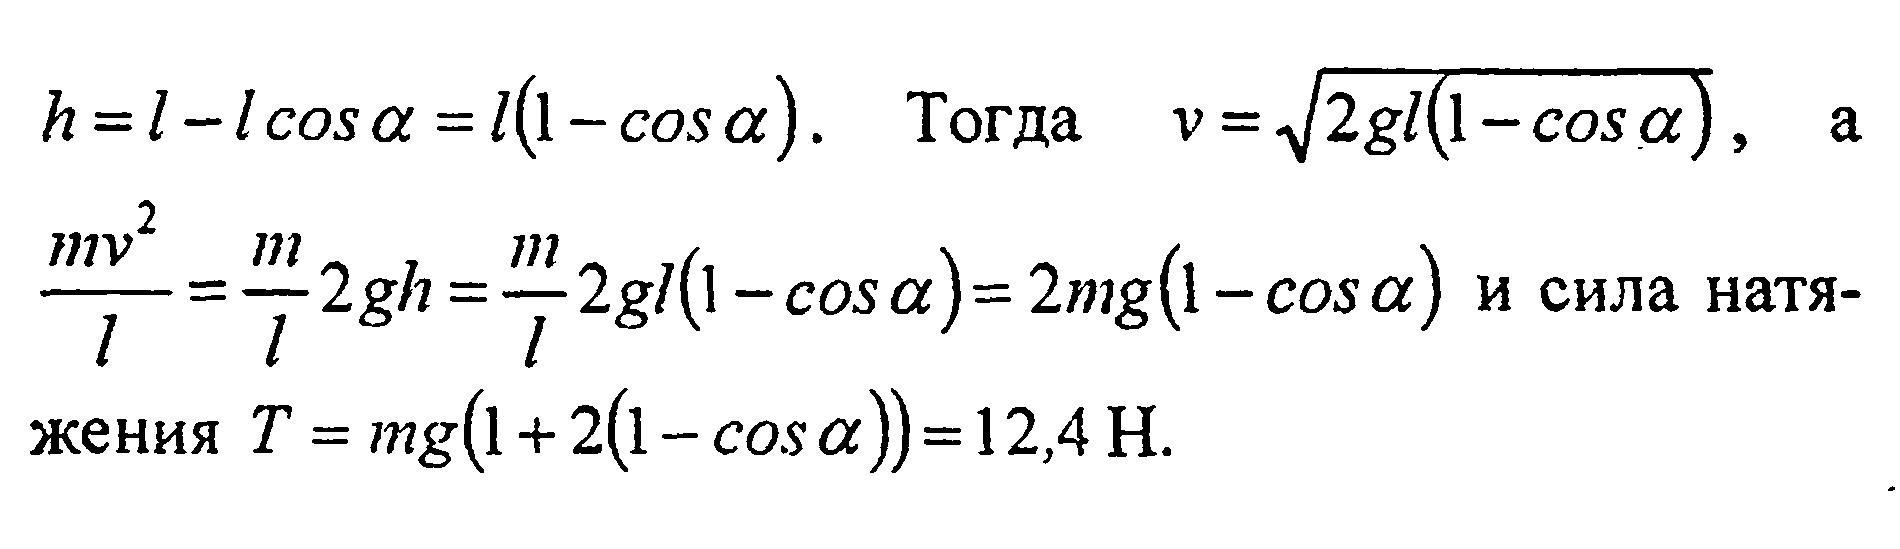 Как найти силу, если известны: скорость, время и масса